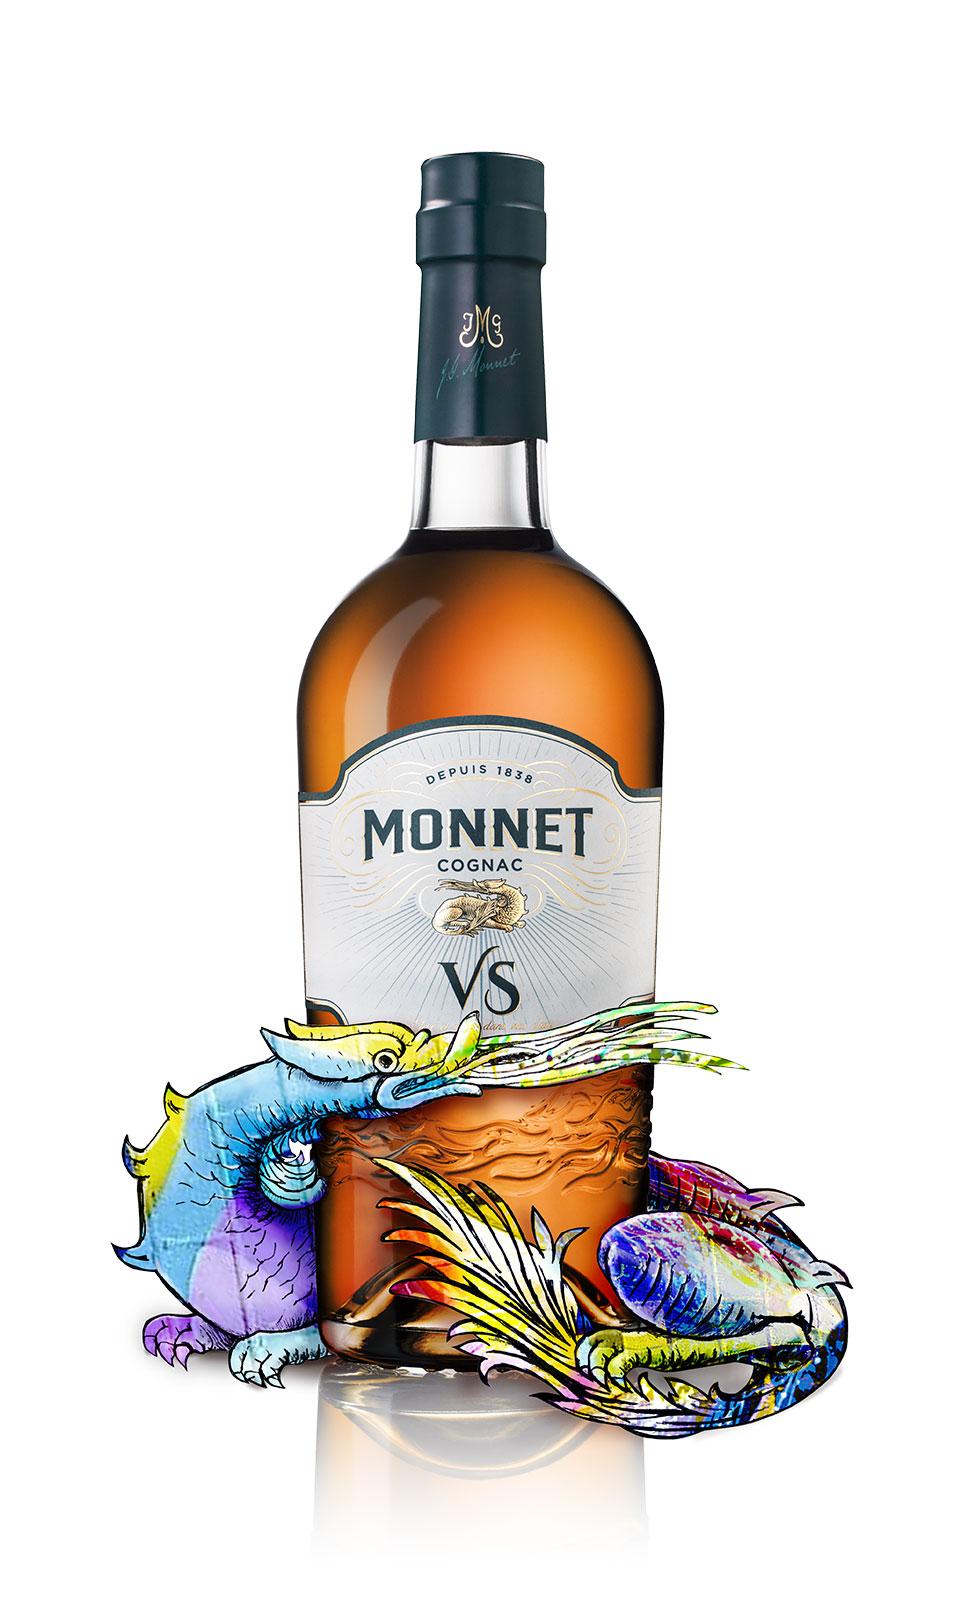 Megusta Monnet Cognac Histoire d'une renaissance VS